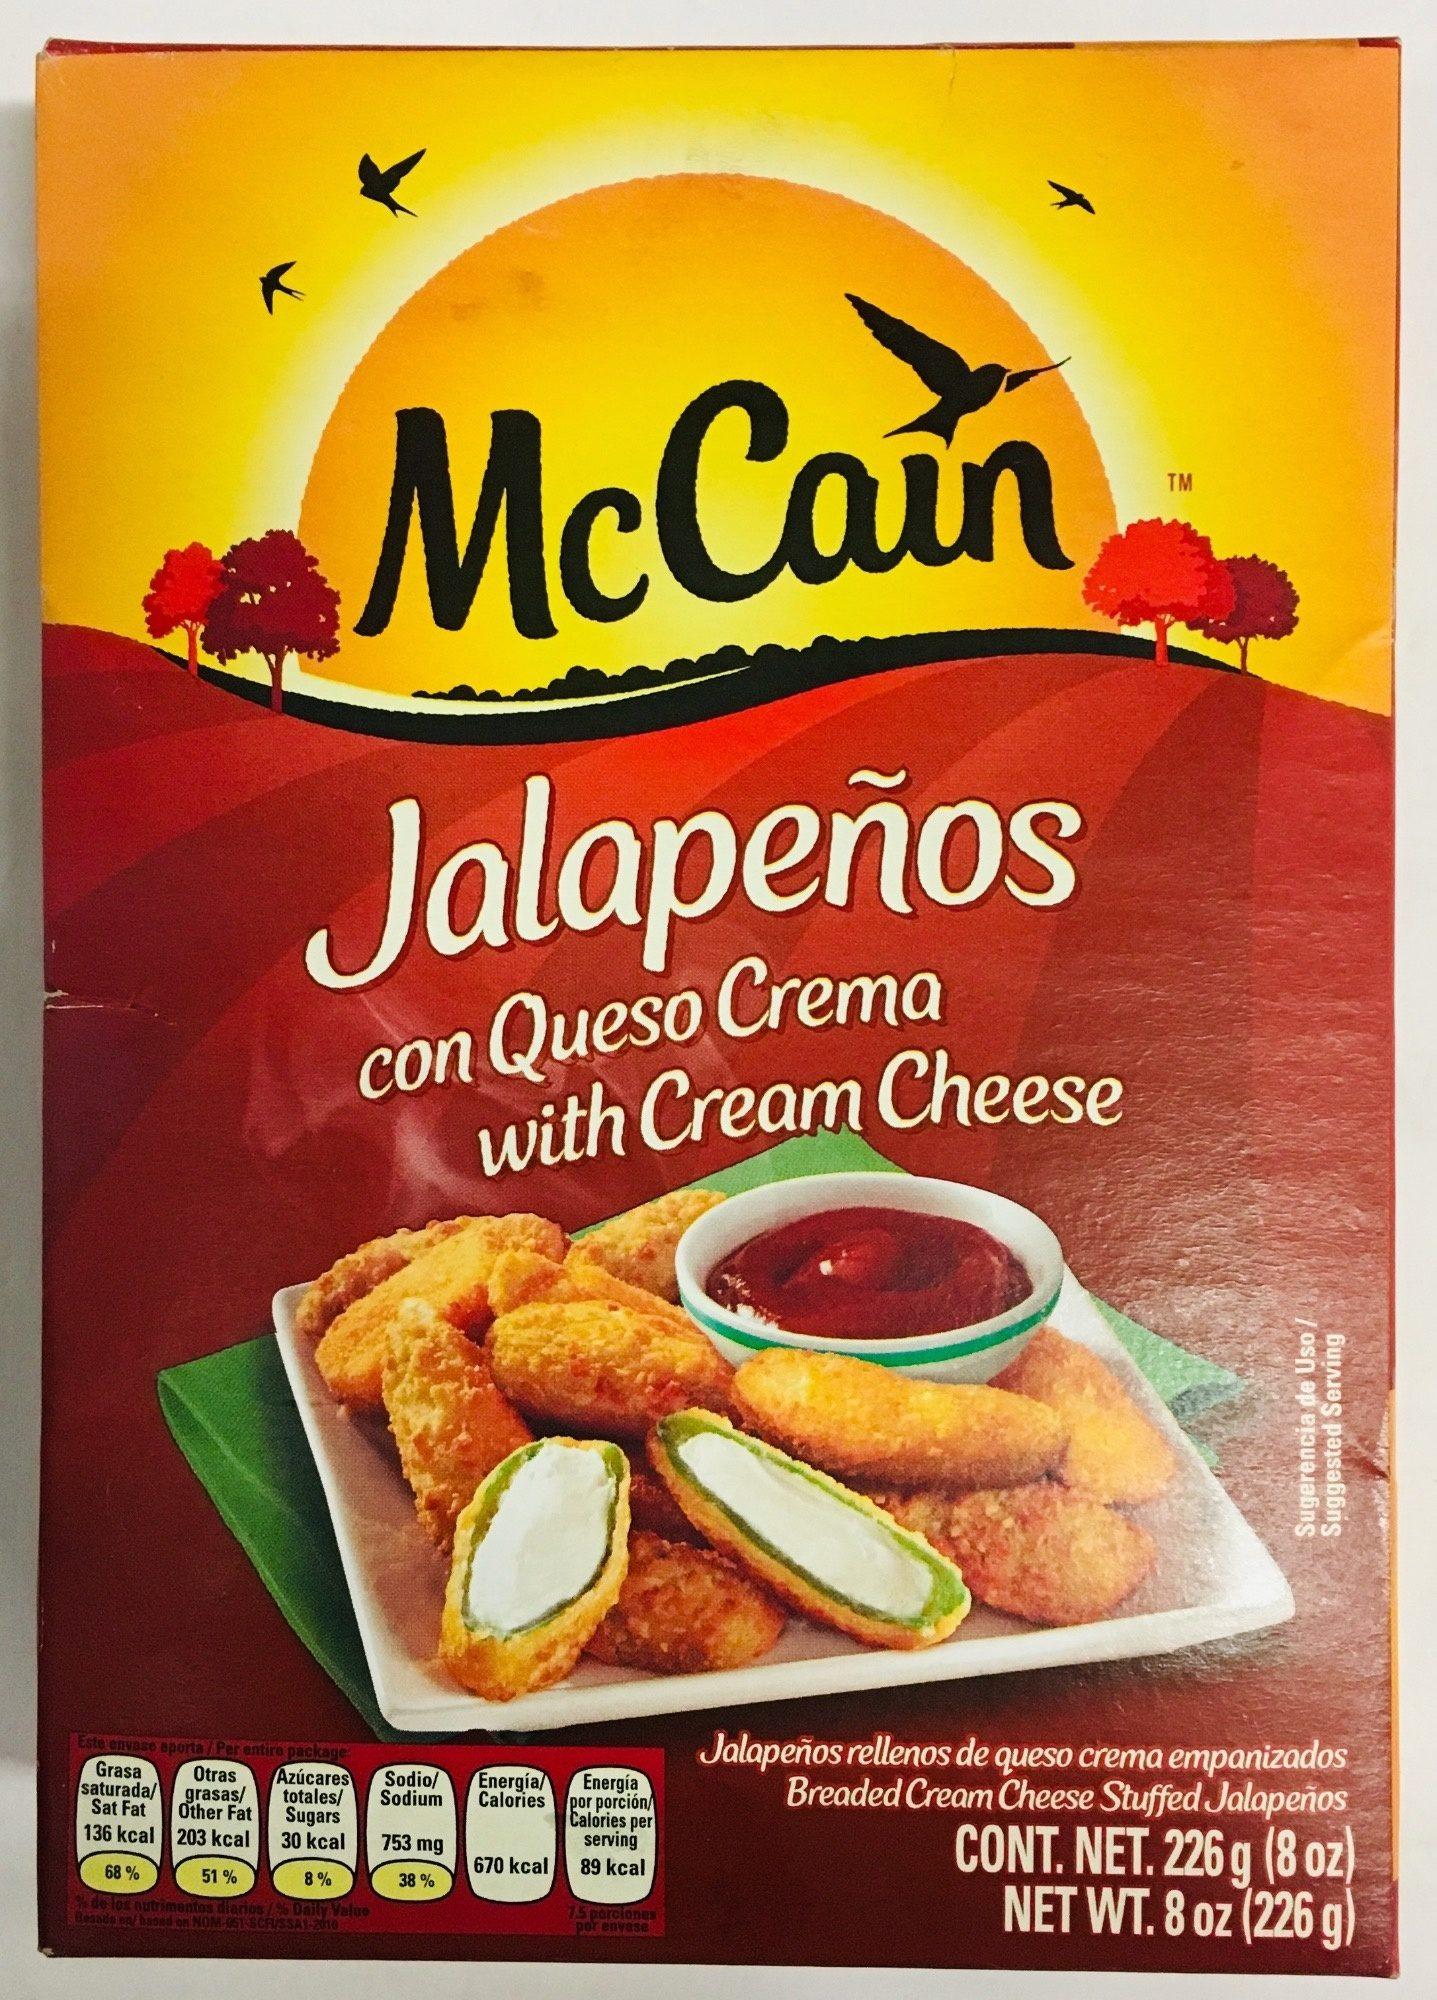 Jalapeños con queso crema, Mc Cain - Product - es